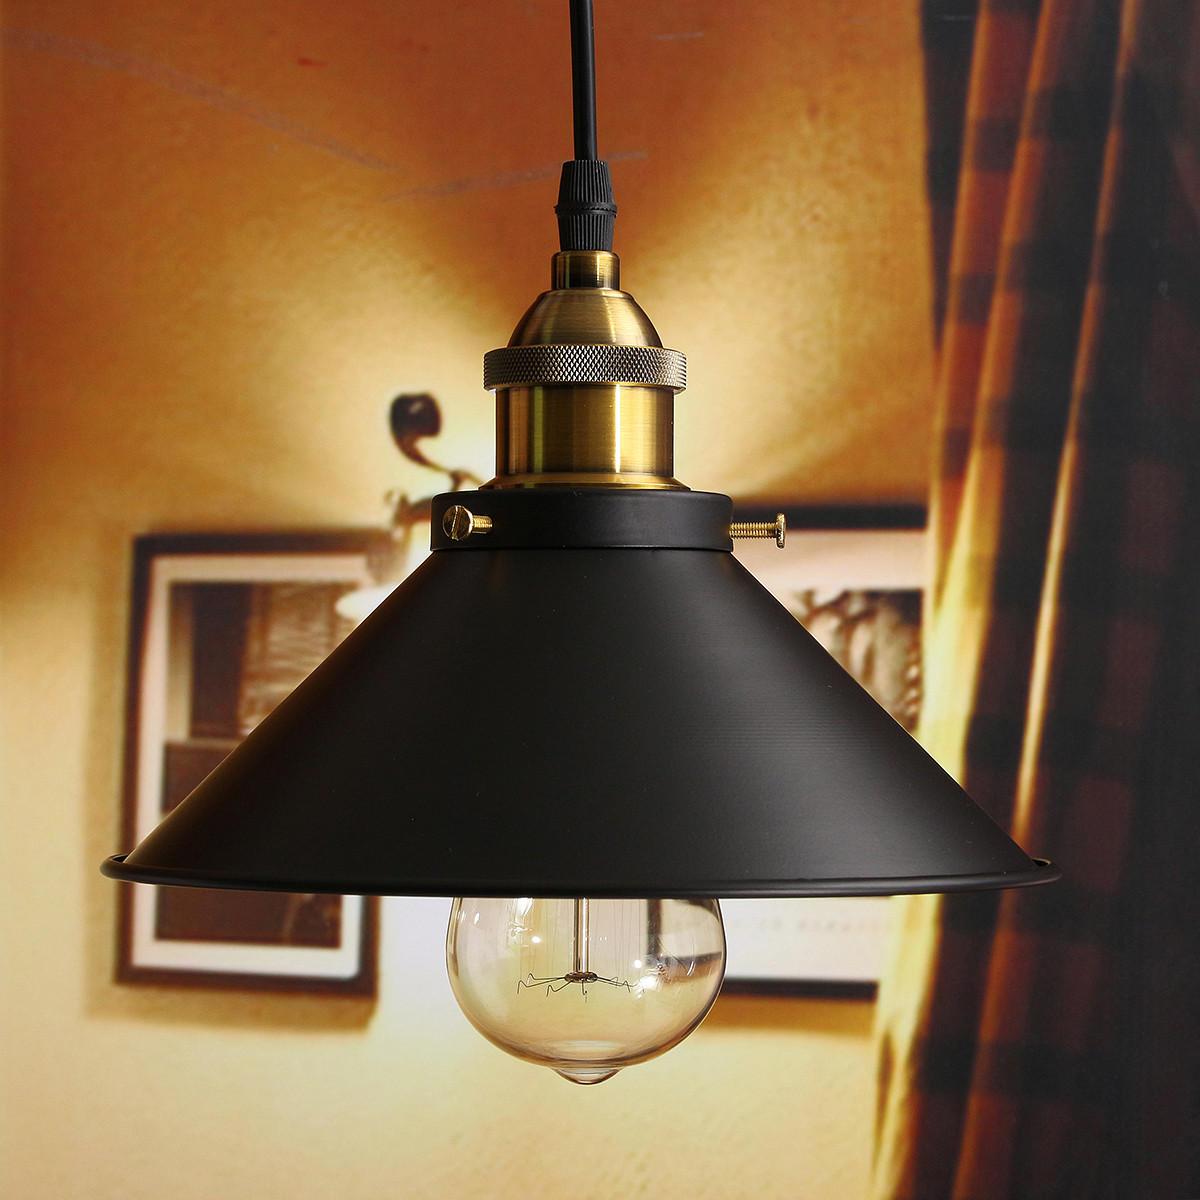 Full Size of Befestigung Retro Industrial Iron Vintage Für Wohnzimmer Esstisch Küche Bad Schlafzimmer Wohnzimmer Deckenlampe Industrial